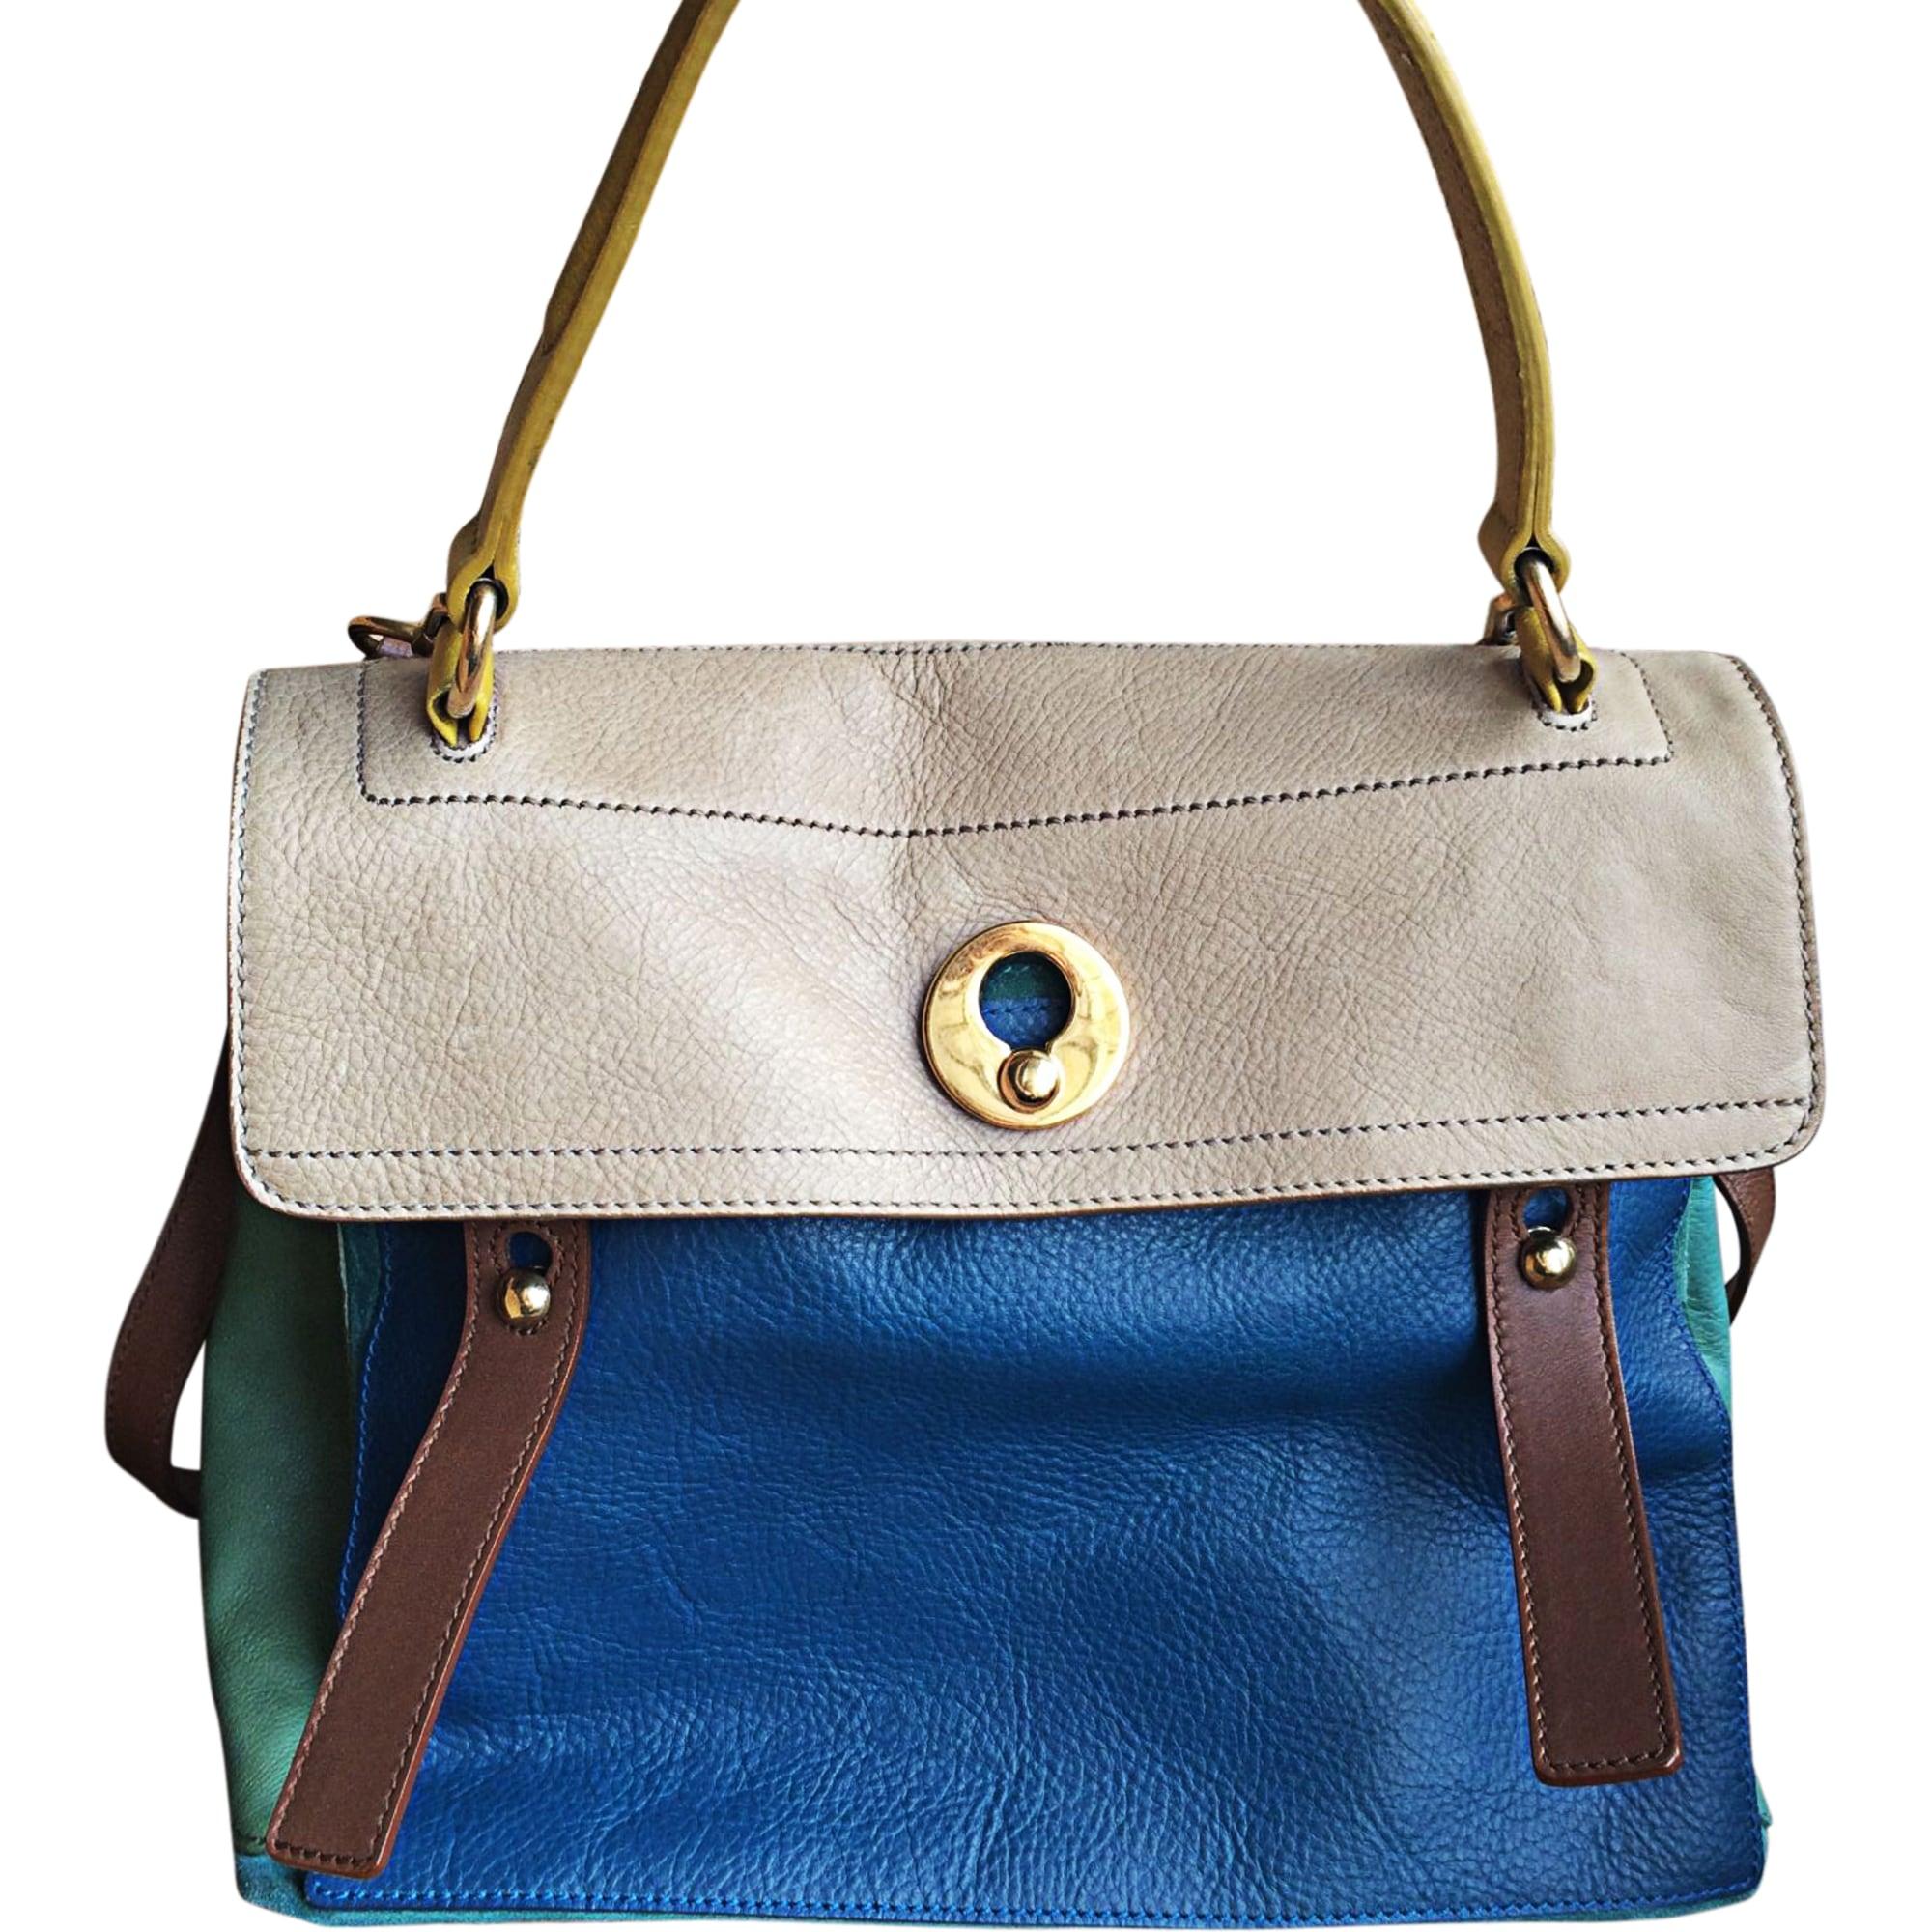 7480842494 Sac à main en cuir SAINT LAURENT sac de jour multicouleur vendu par ...